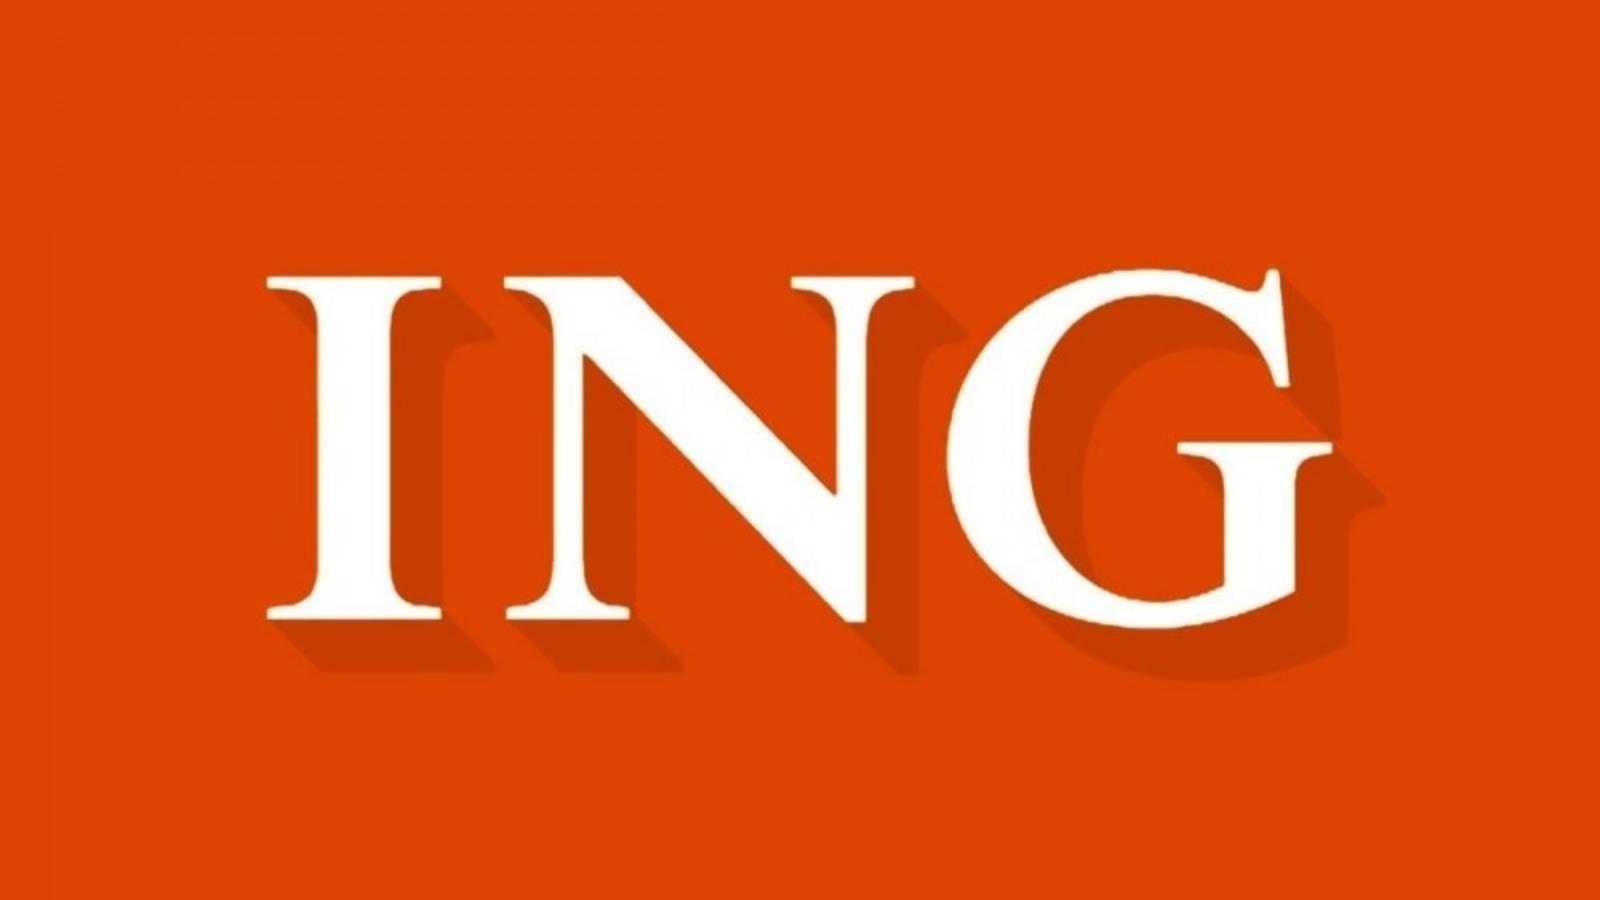 ING Bank extraoptiuni